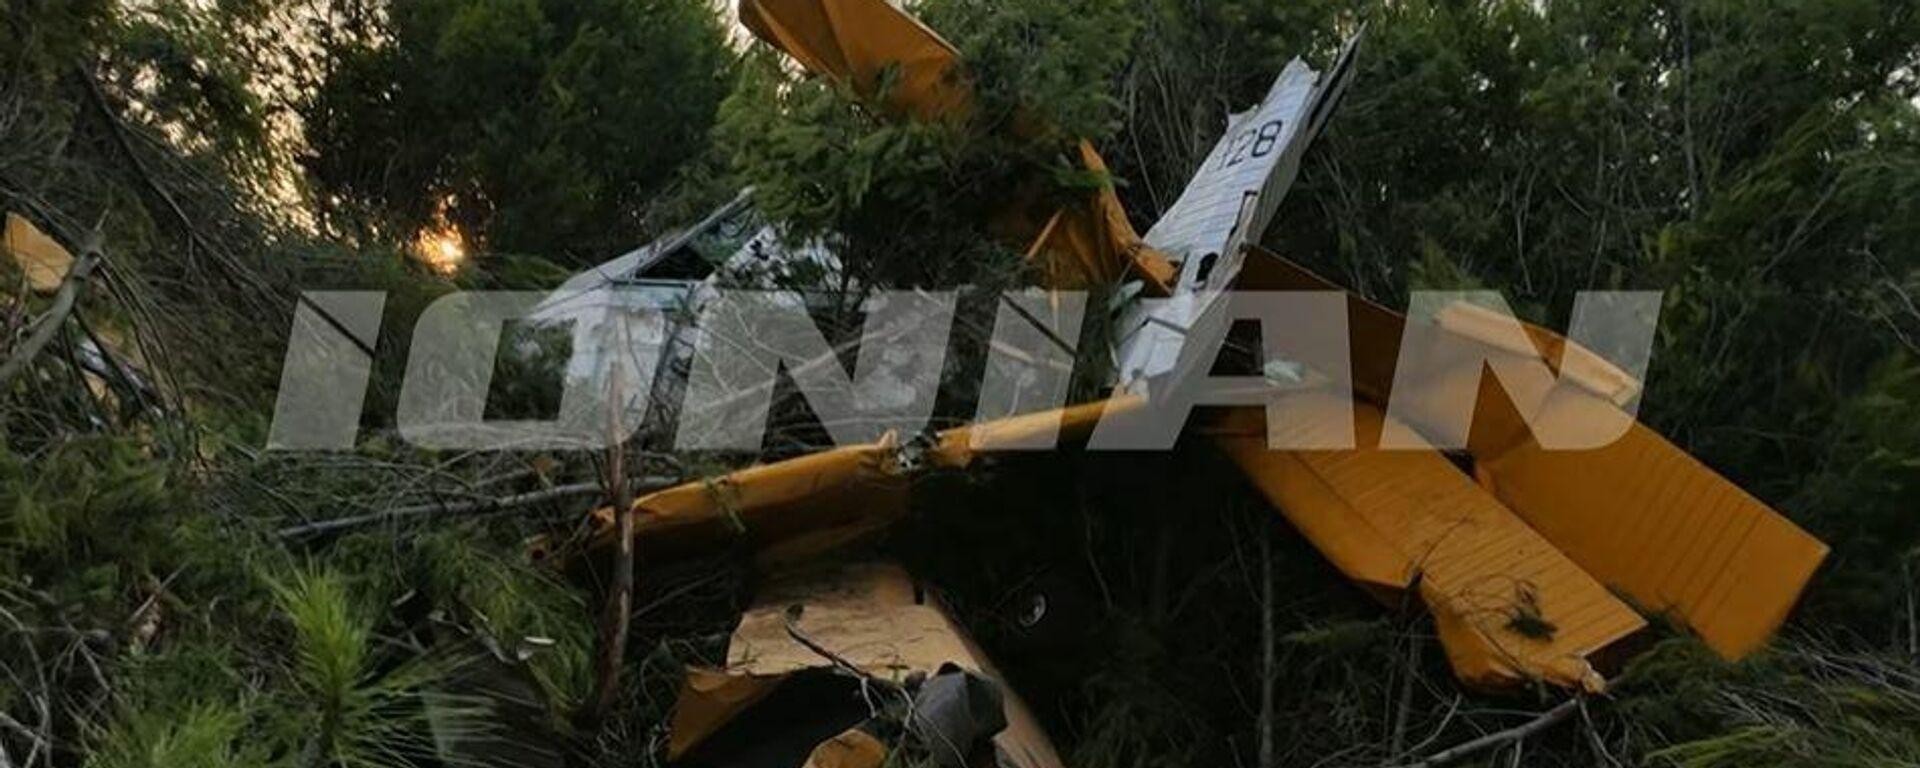 Αναγκαστική προσγείωση πυροσβεστικού αεροσκάφους - Sputnik Ελλάδα, 1920, 08.08.2021